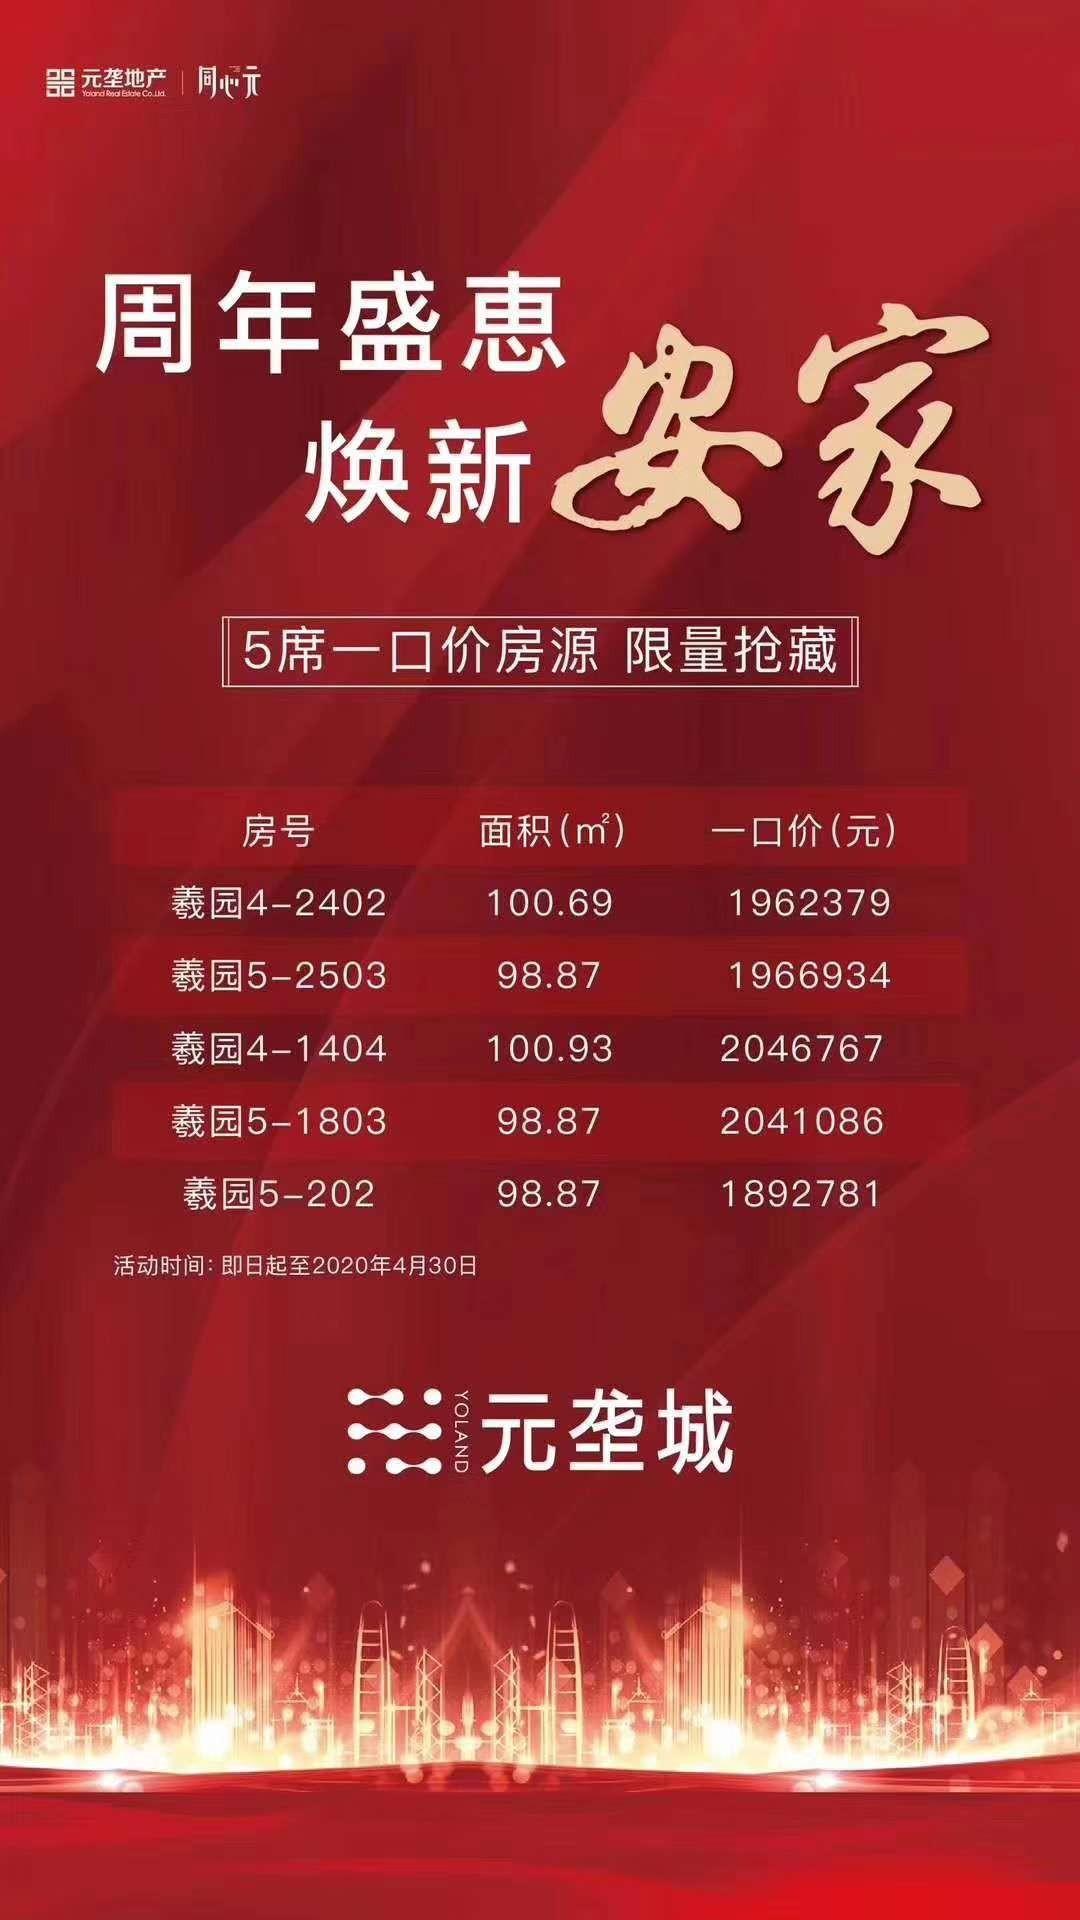 元垄城:周年盛惠,5席一口价房源!